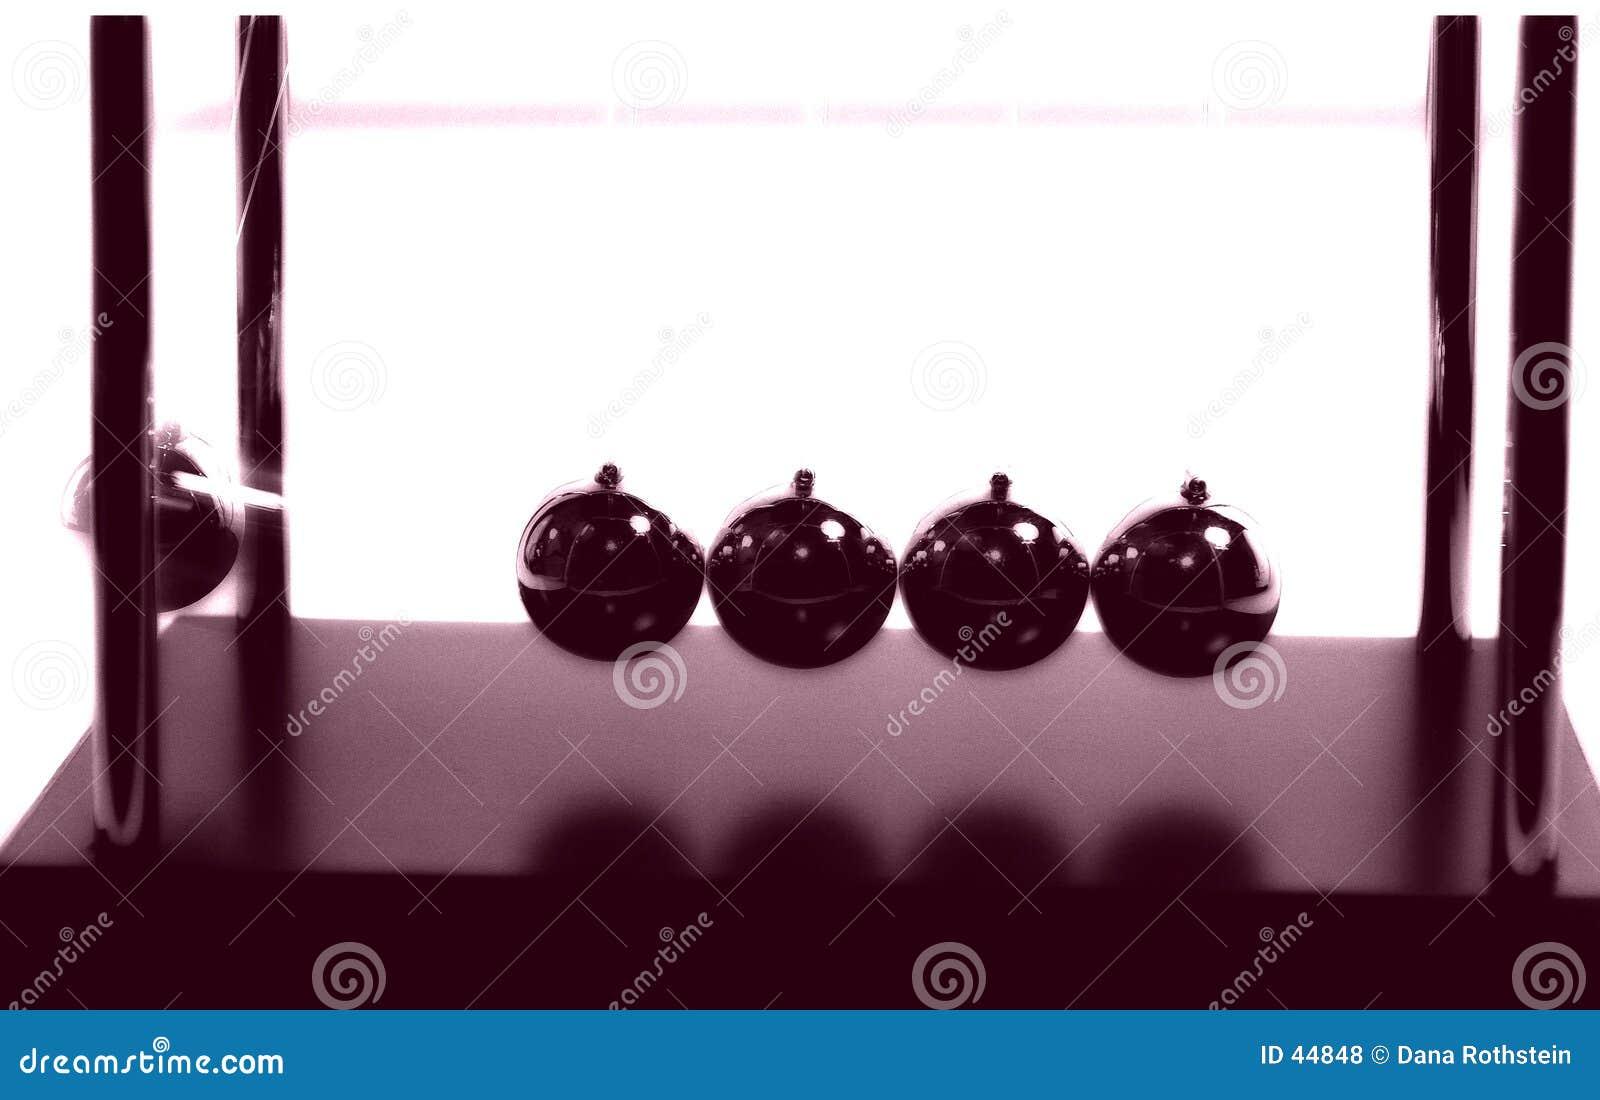 Download Bolas 2 de los neutonios foto de archivo. Imagen de extracto - 44848